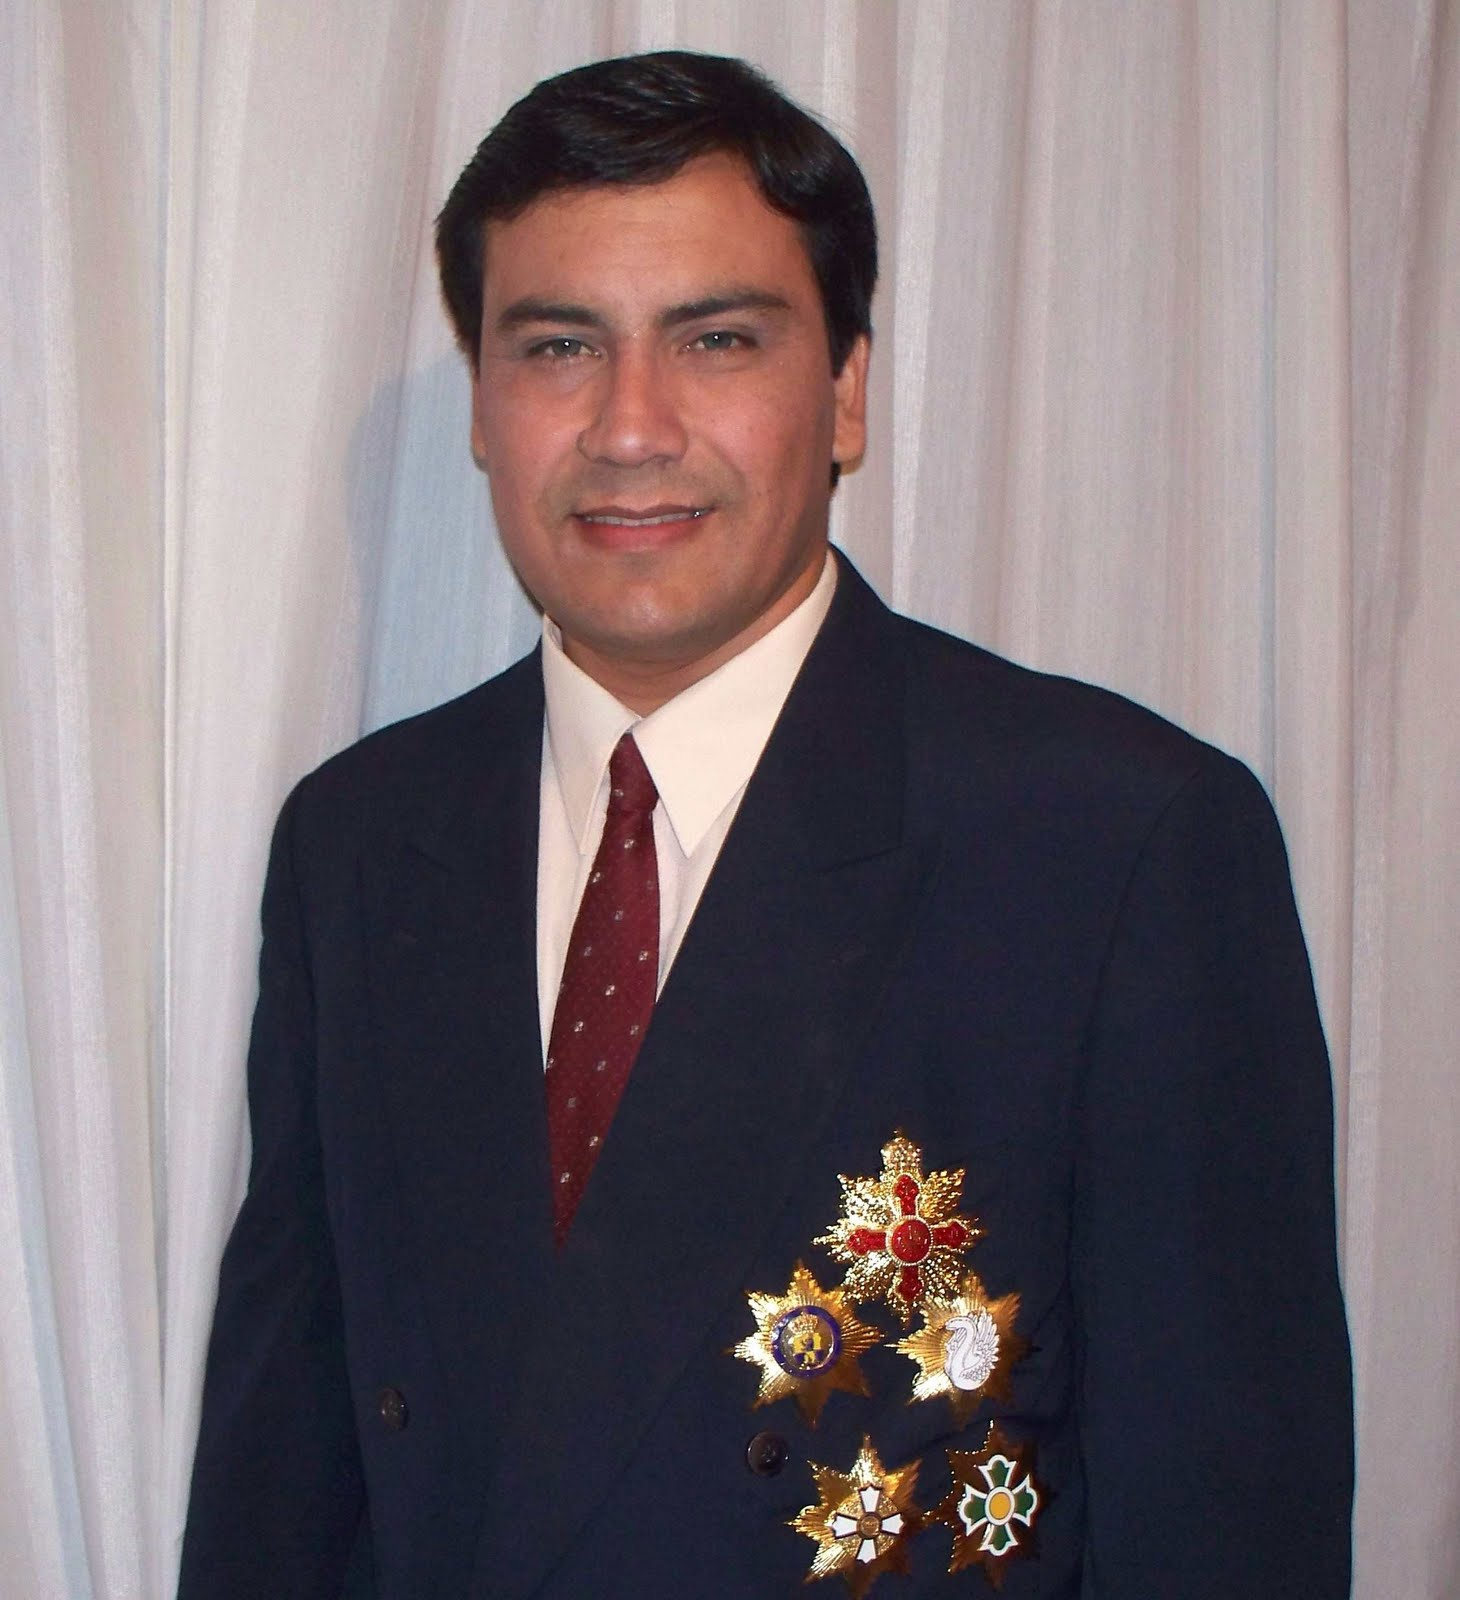 SAI Hugo Cabrera Rurikovich Kubarev